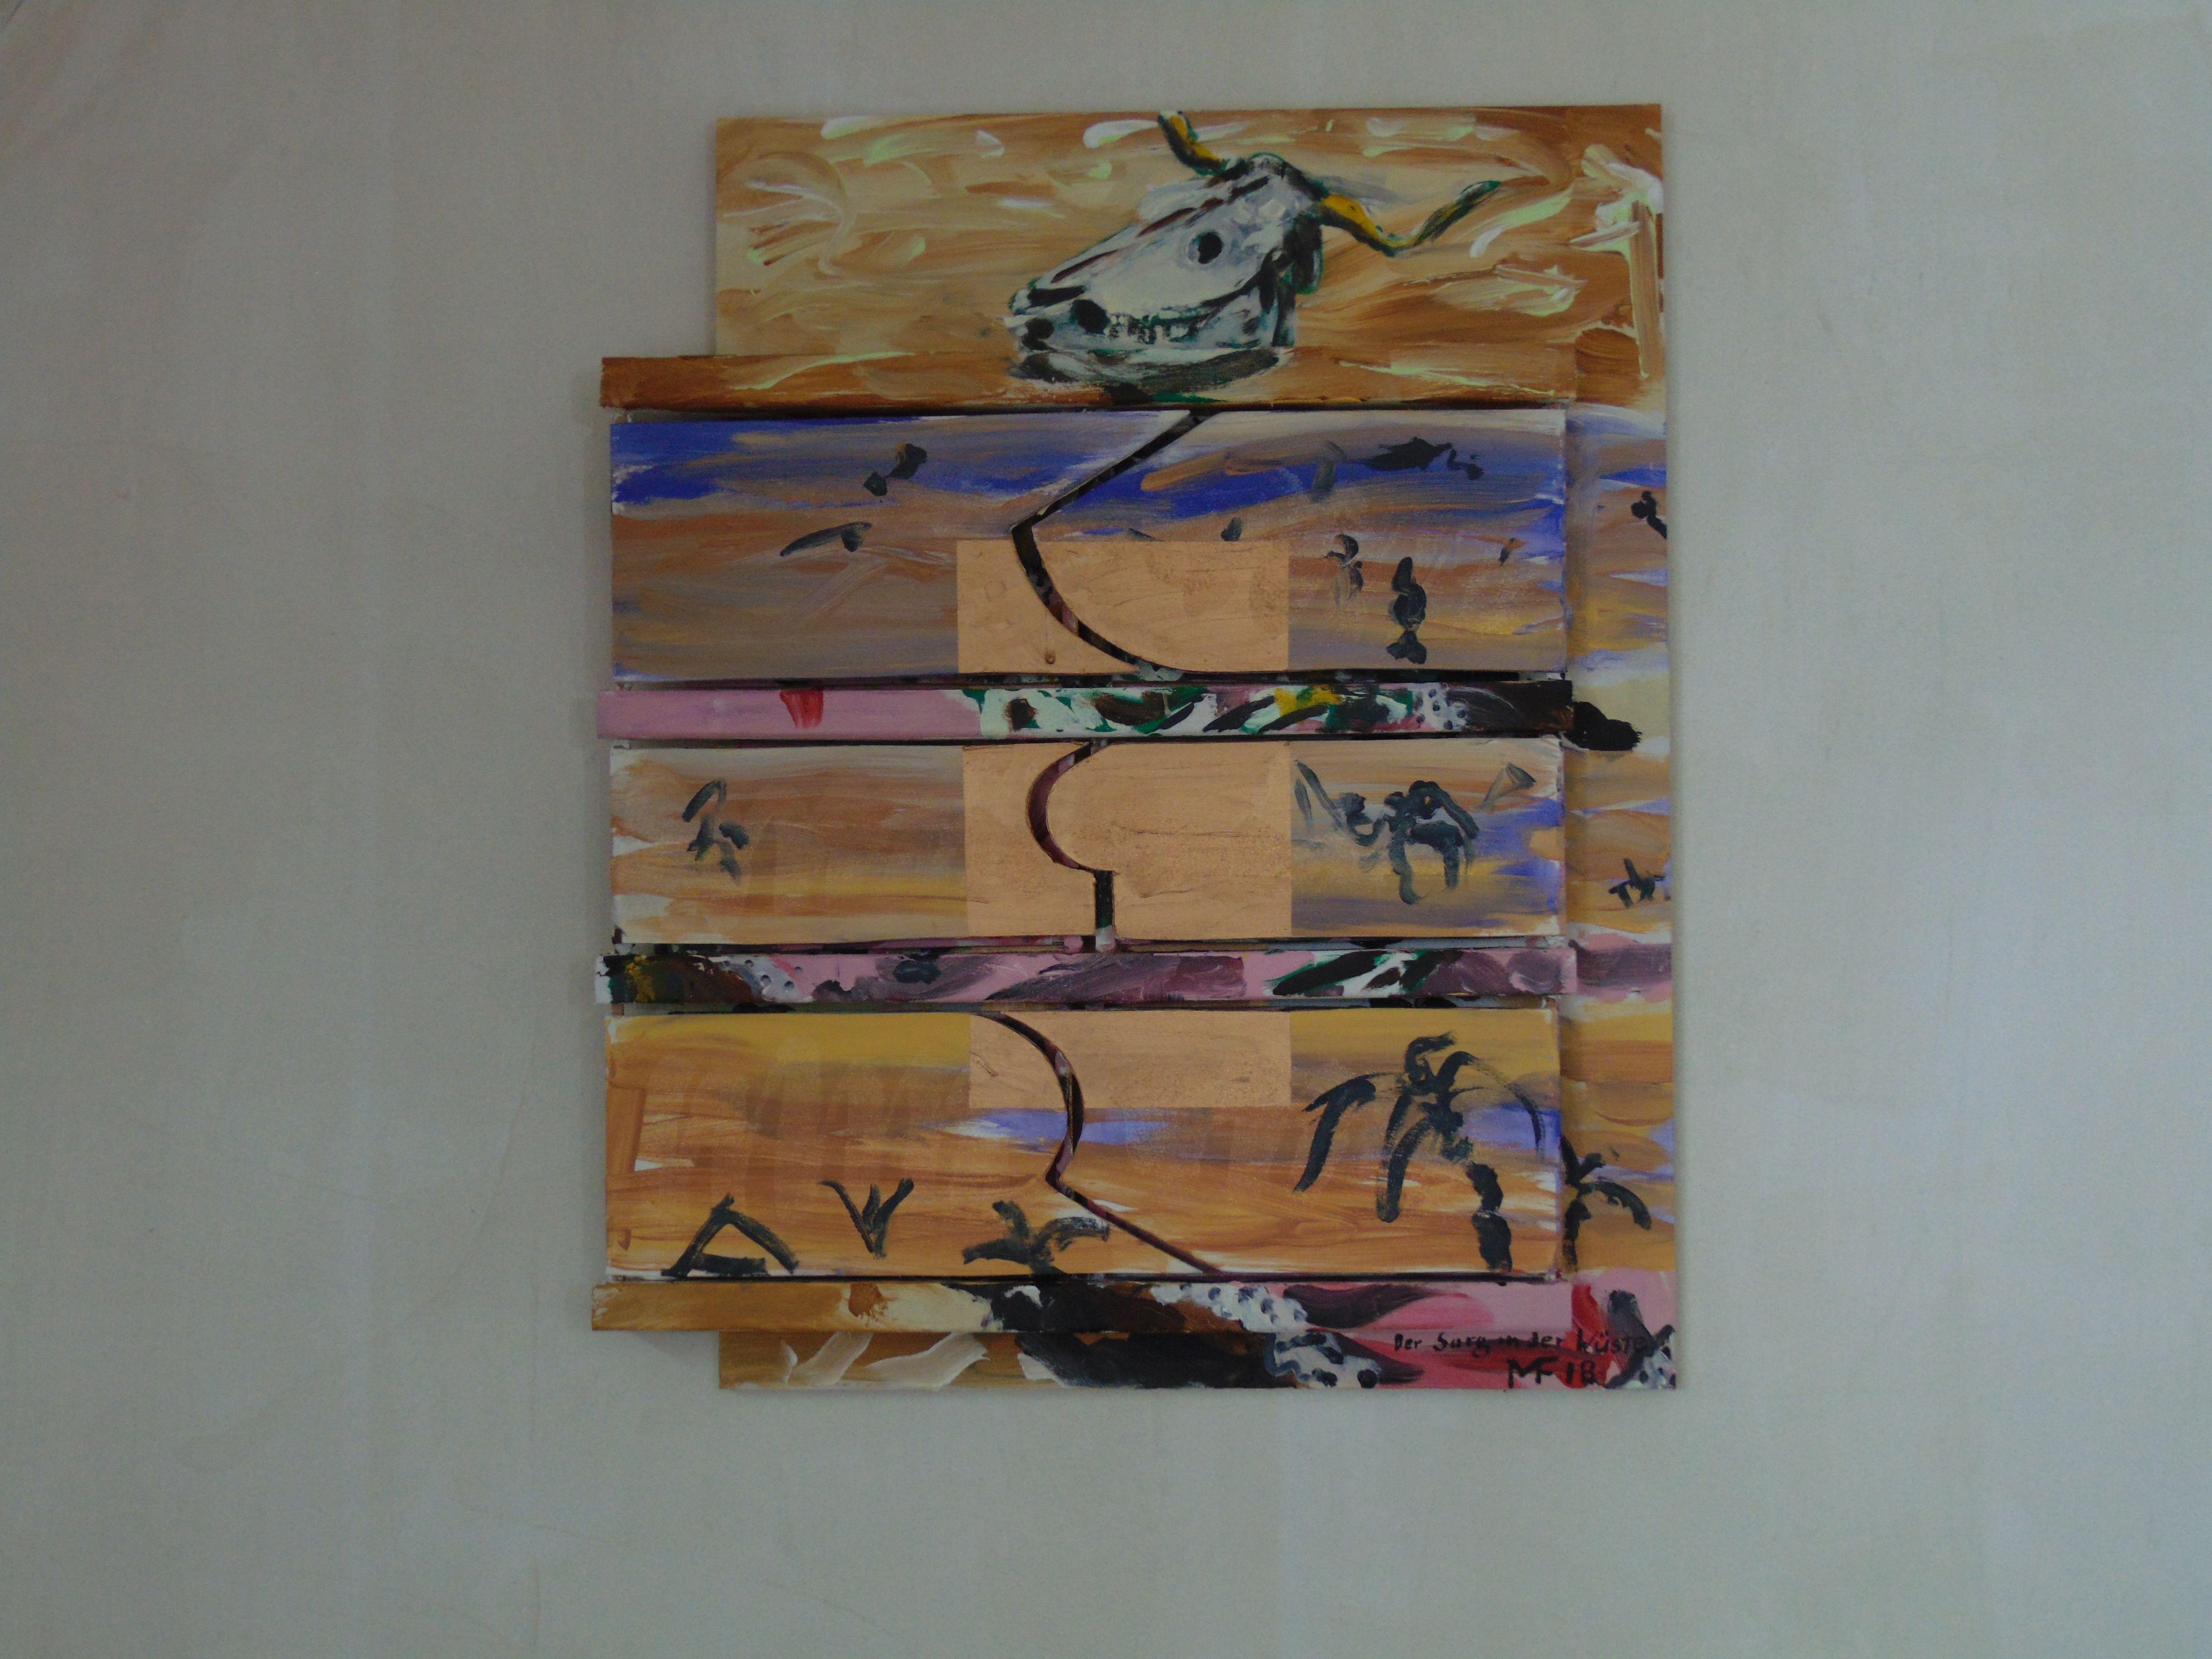 Kuhschädel, Kamel, Palmen, Wüste